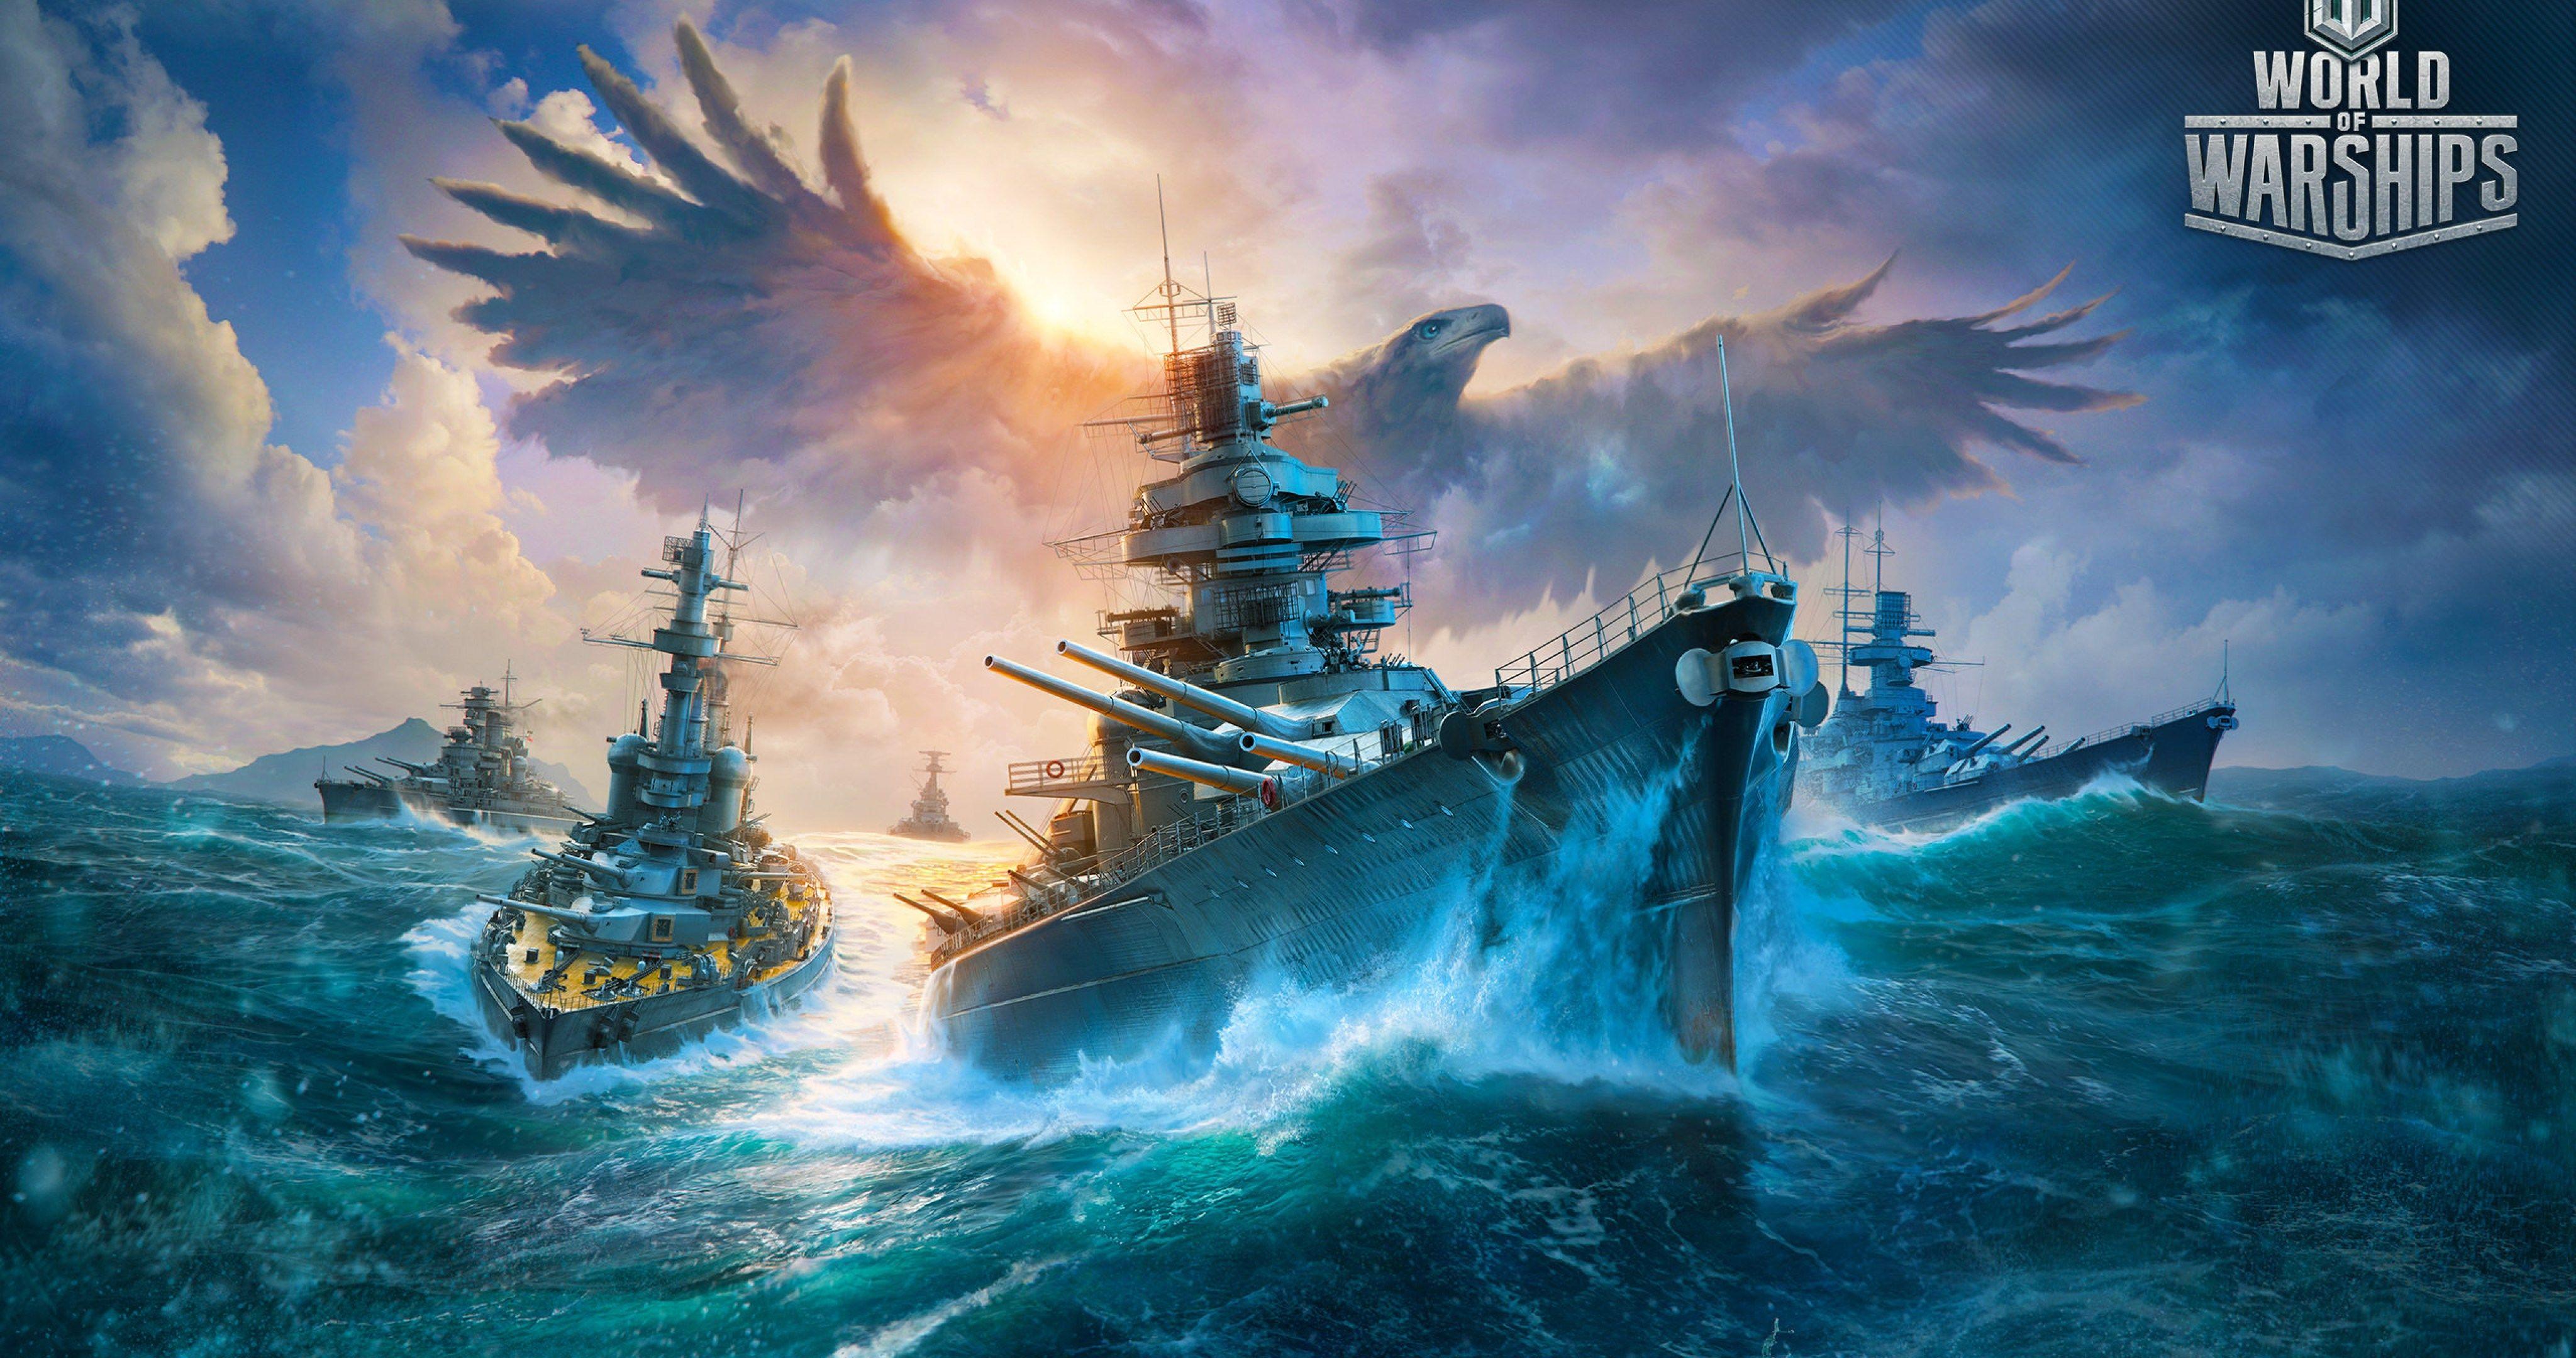 Us Navy 4k Ultra Hd Wallpaper